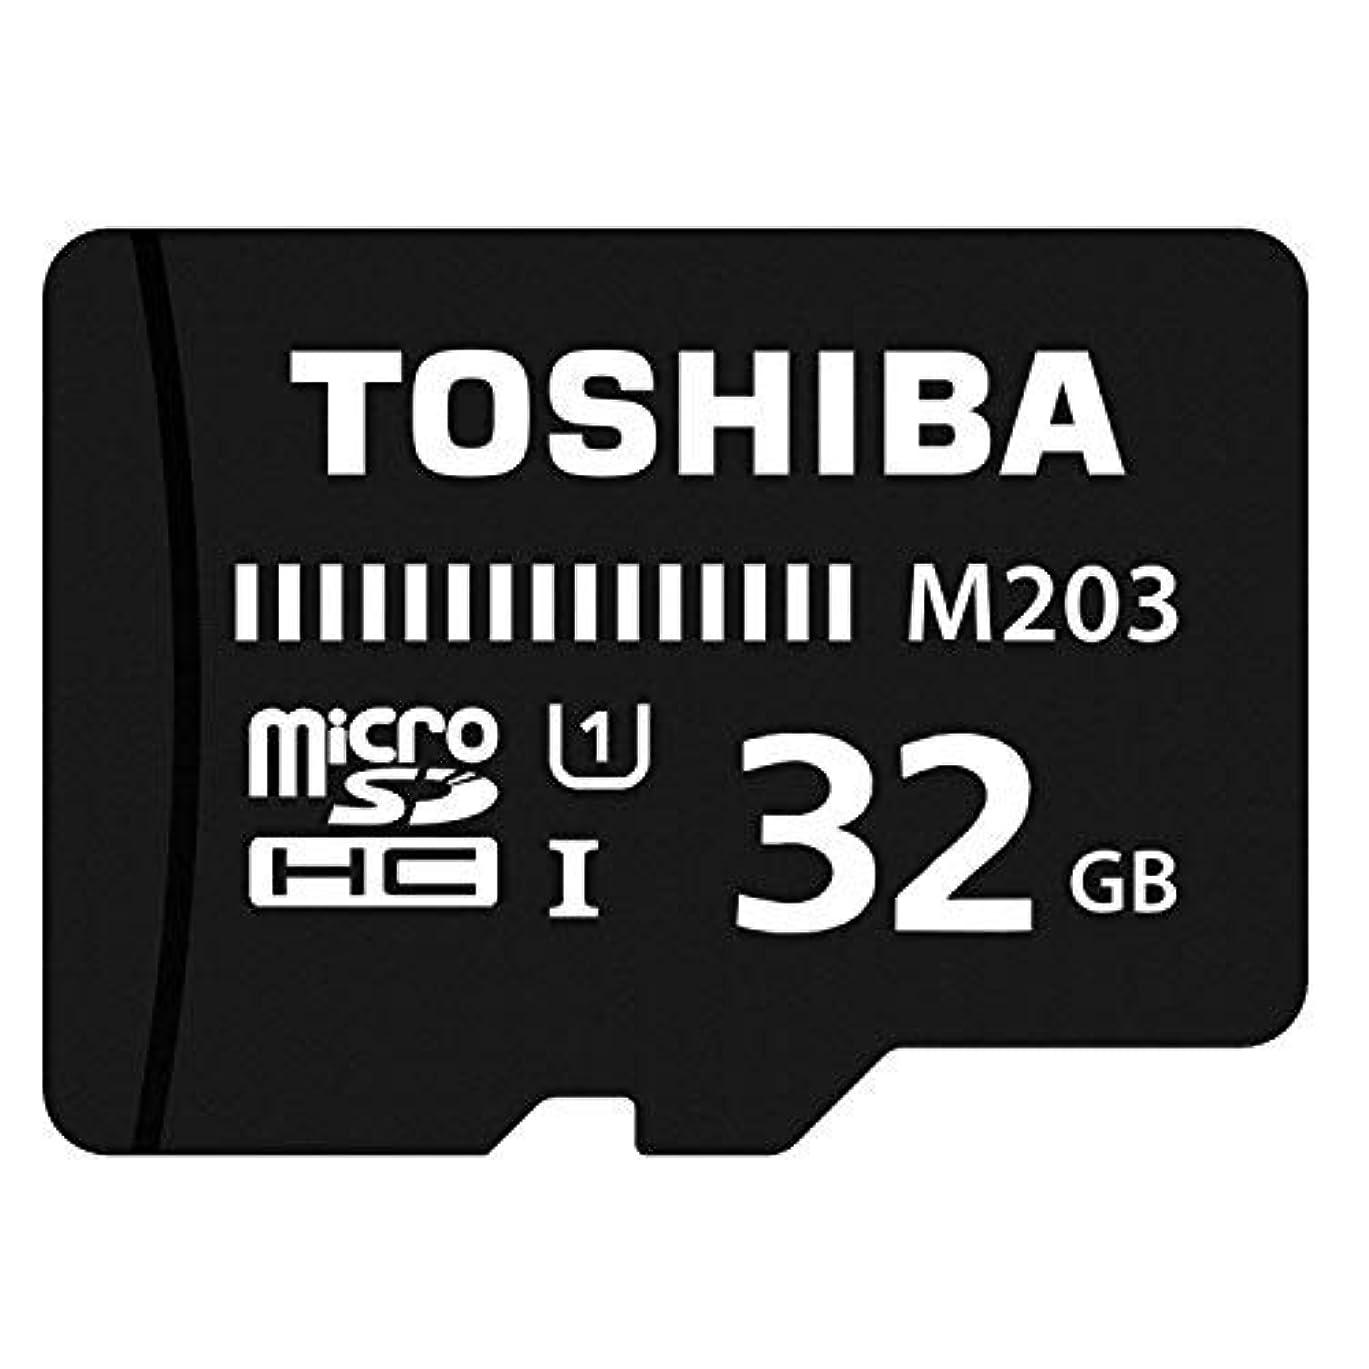 開梱ジェームズダイソン前置詞Toshiba 32GB M203 microSDHC UHS-I U1 Card Class 10 microSD micro SD Card Memory Card 100MB/s [並行輸入品]